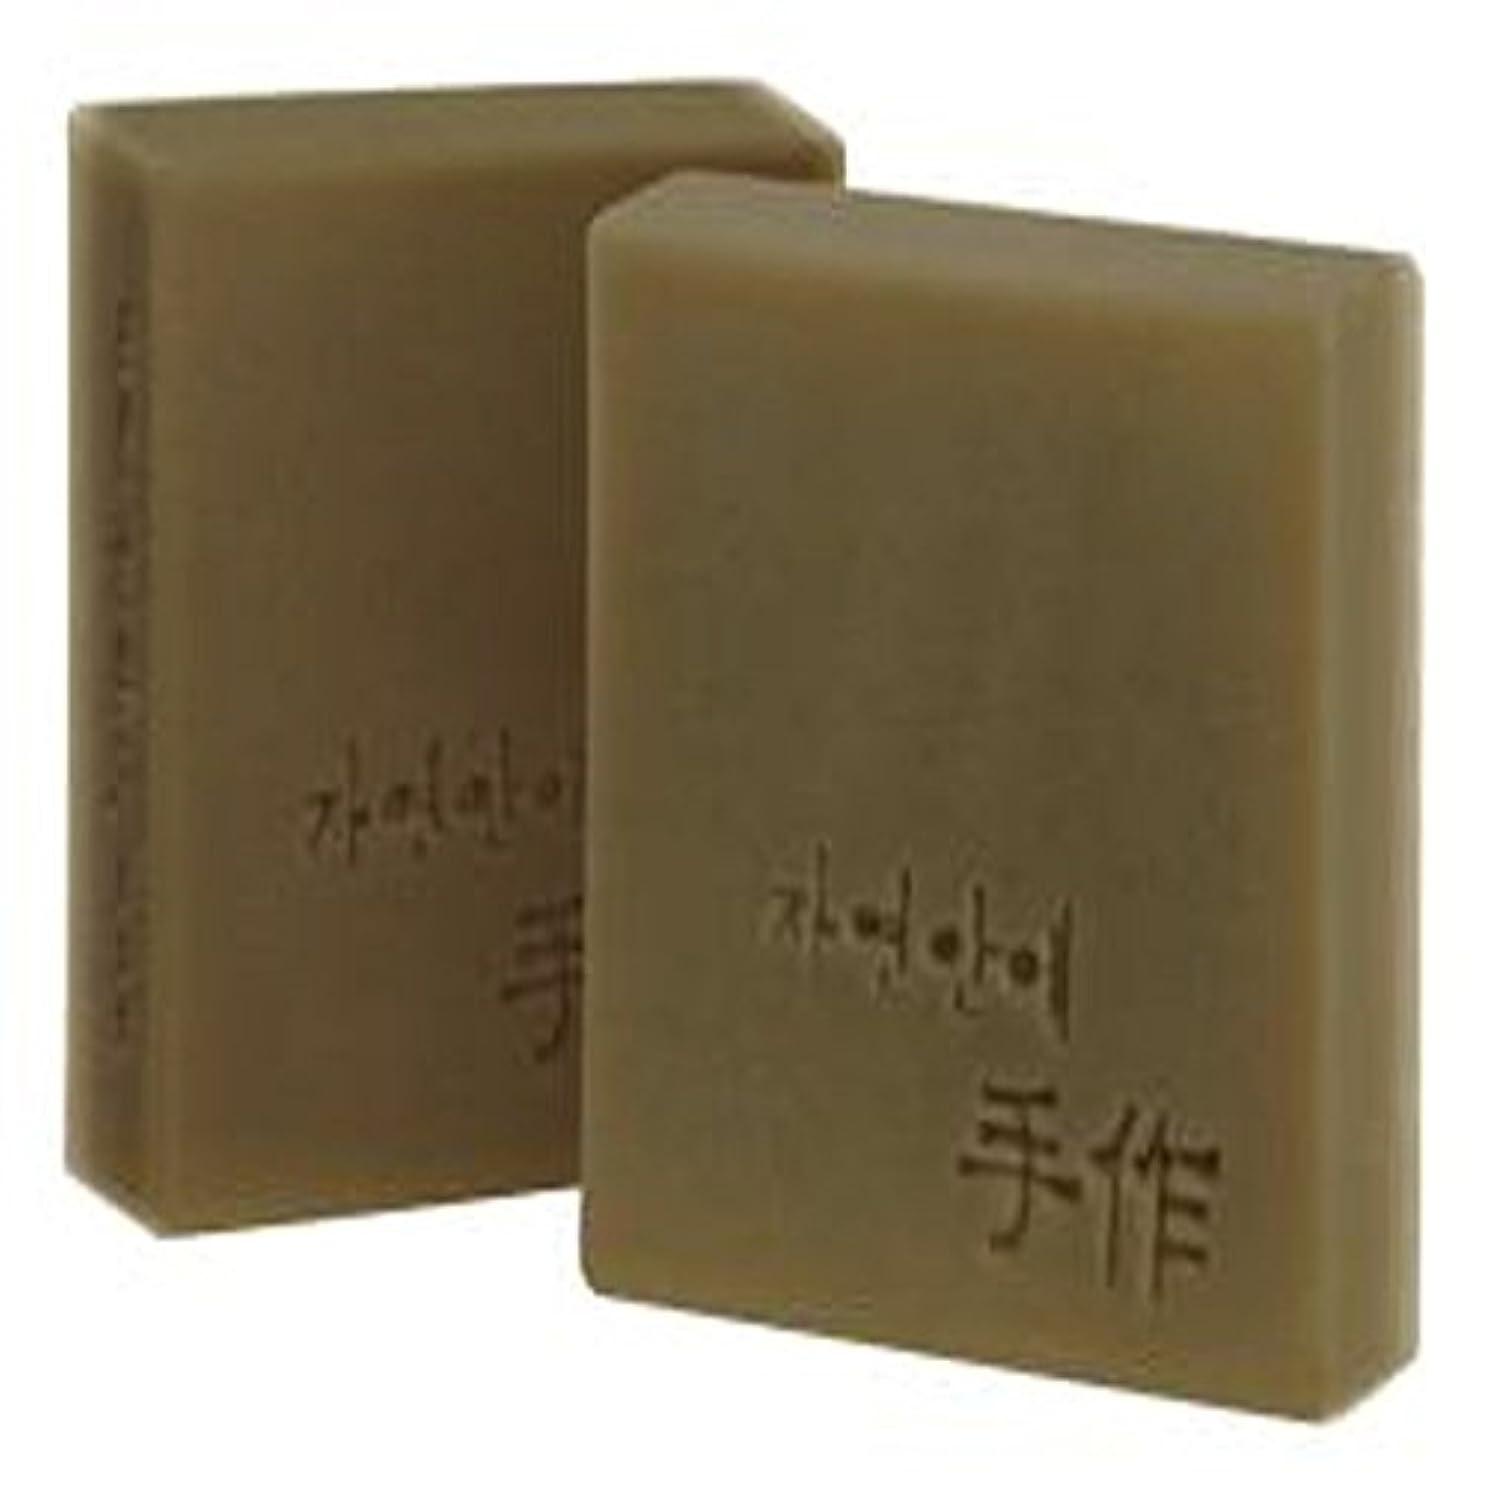 収束するピンチアンケートNatural organic 有機天然ソープ 固形 無添加 洗顔せっけんクレンジング 石鹸 [並行輸入品] (カボチャ)